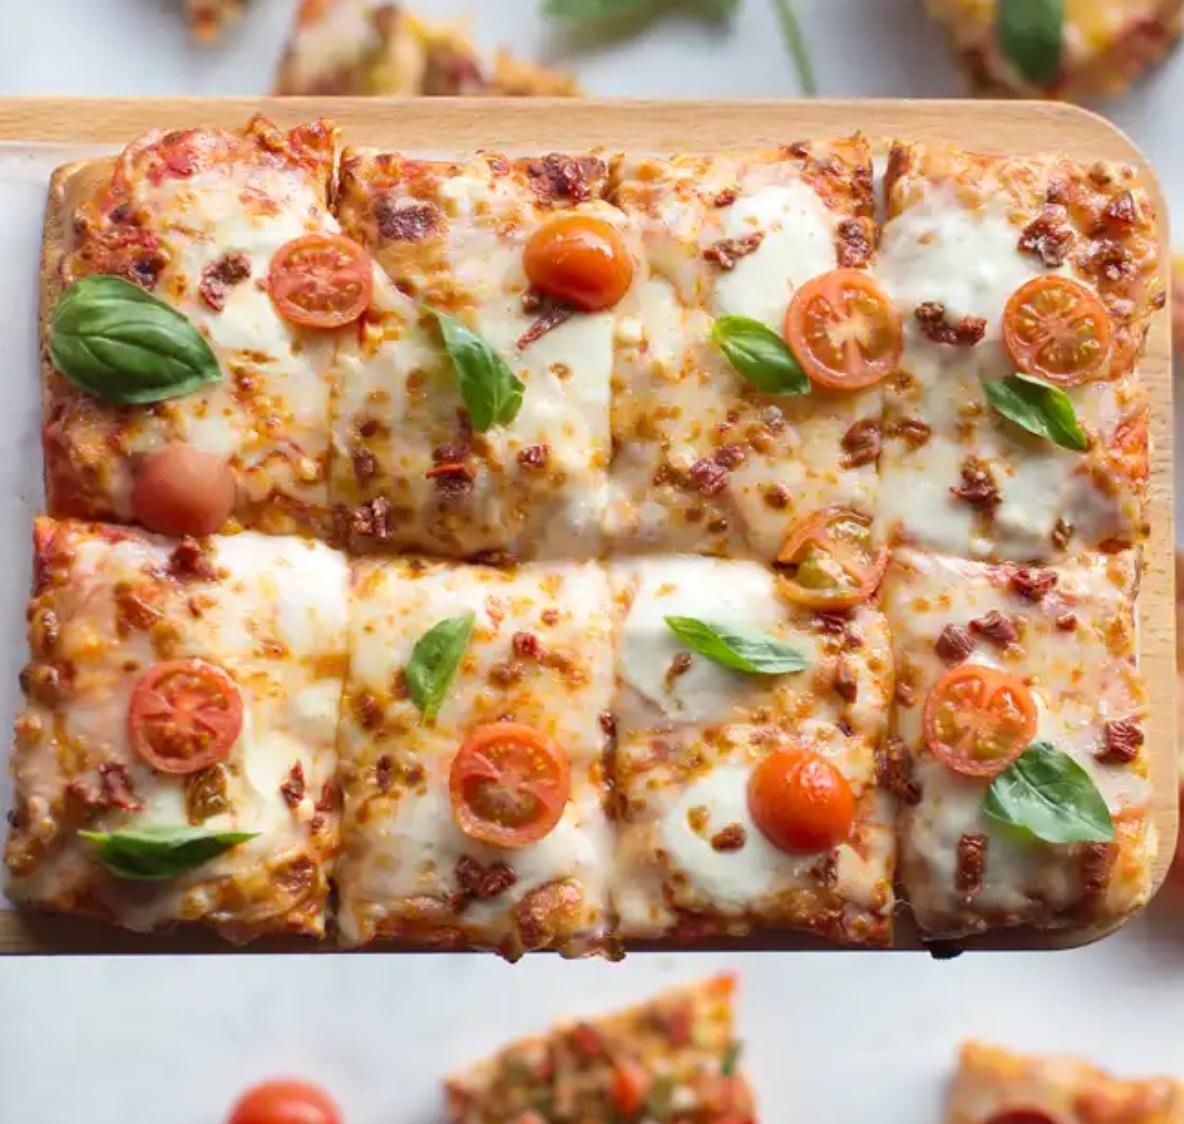 Pizzas Chicago Style GRATIS por consumo minimo de 11€ (socios c/app) 13€ (resto)